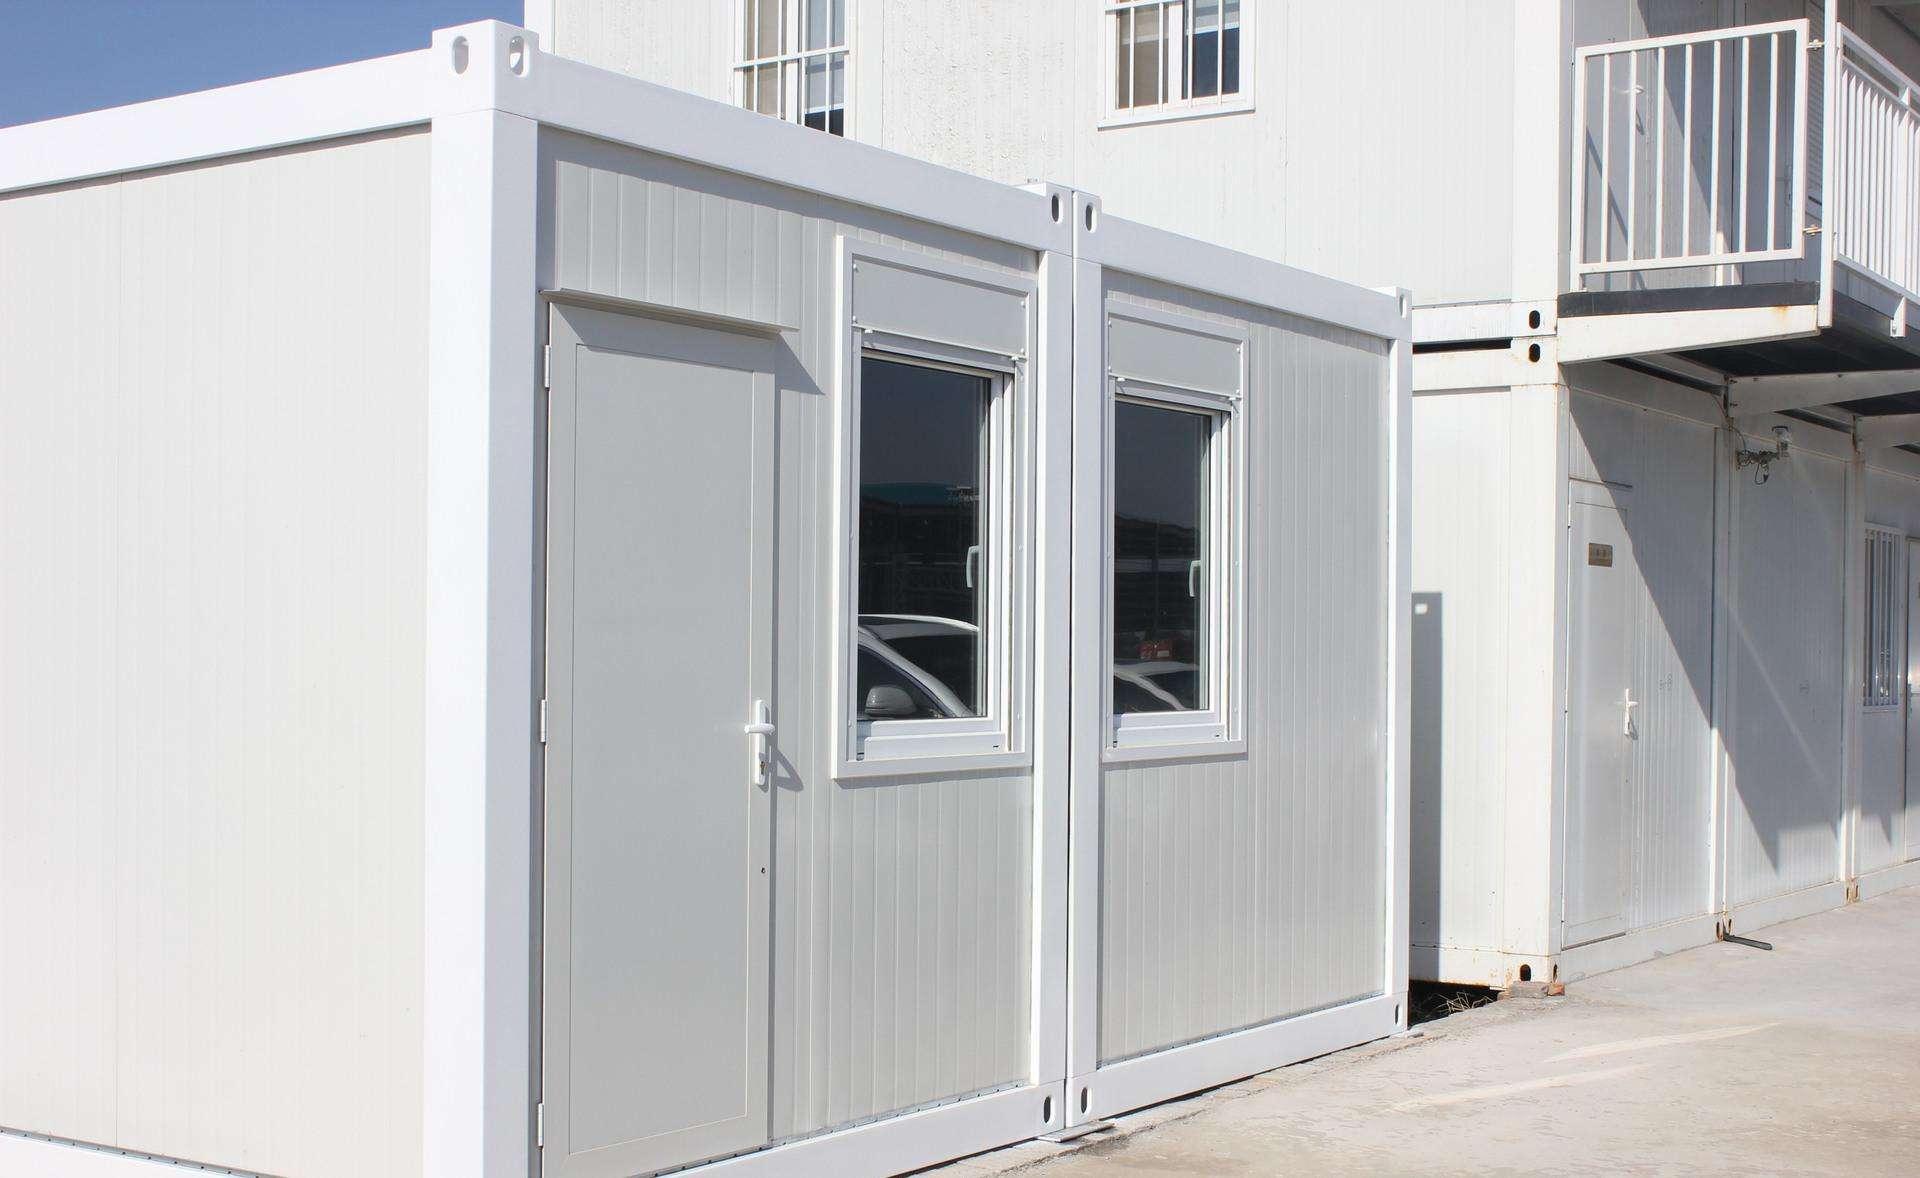 常用的天津活动房装卸方式有哪几种